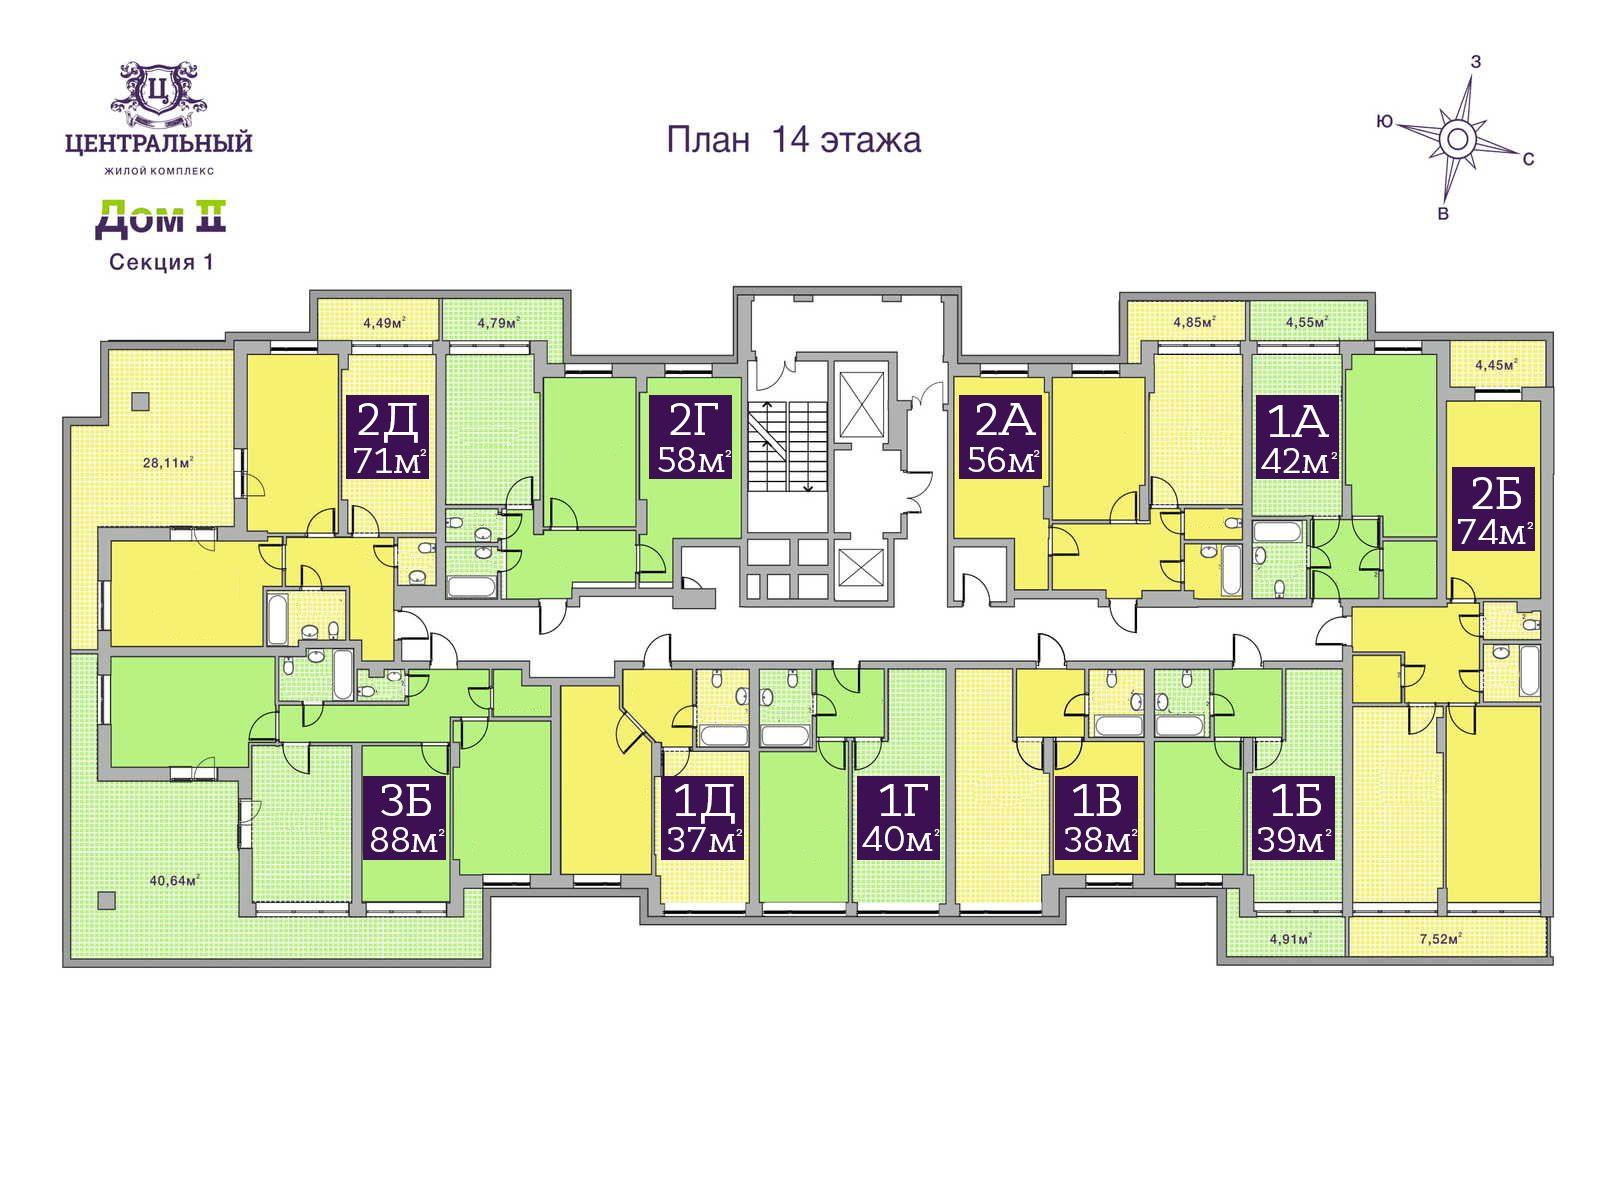 Дом 2. Секция 1. 14 этаж